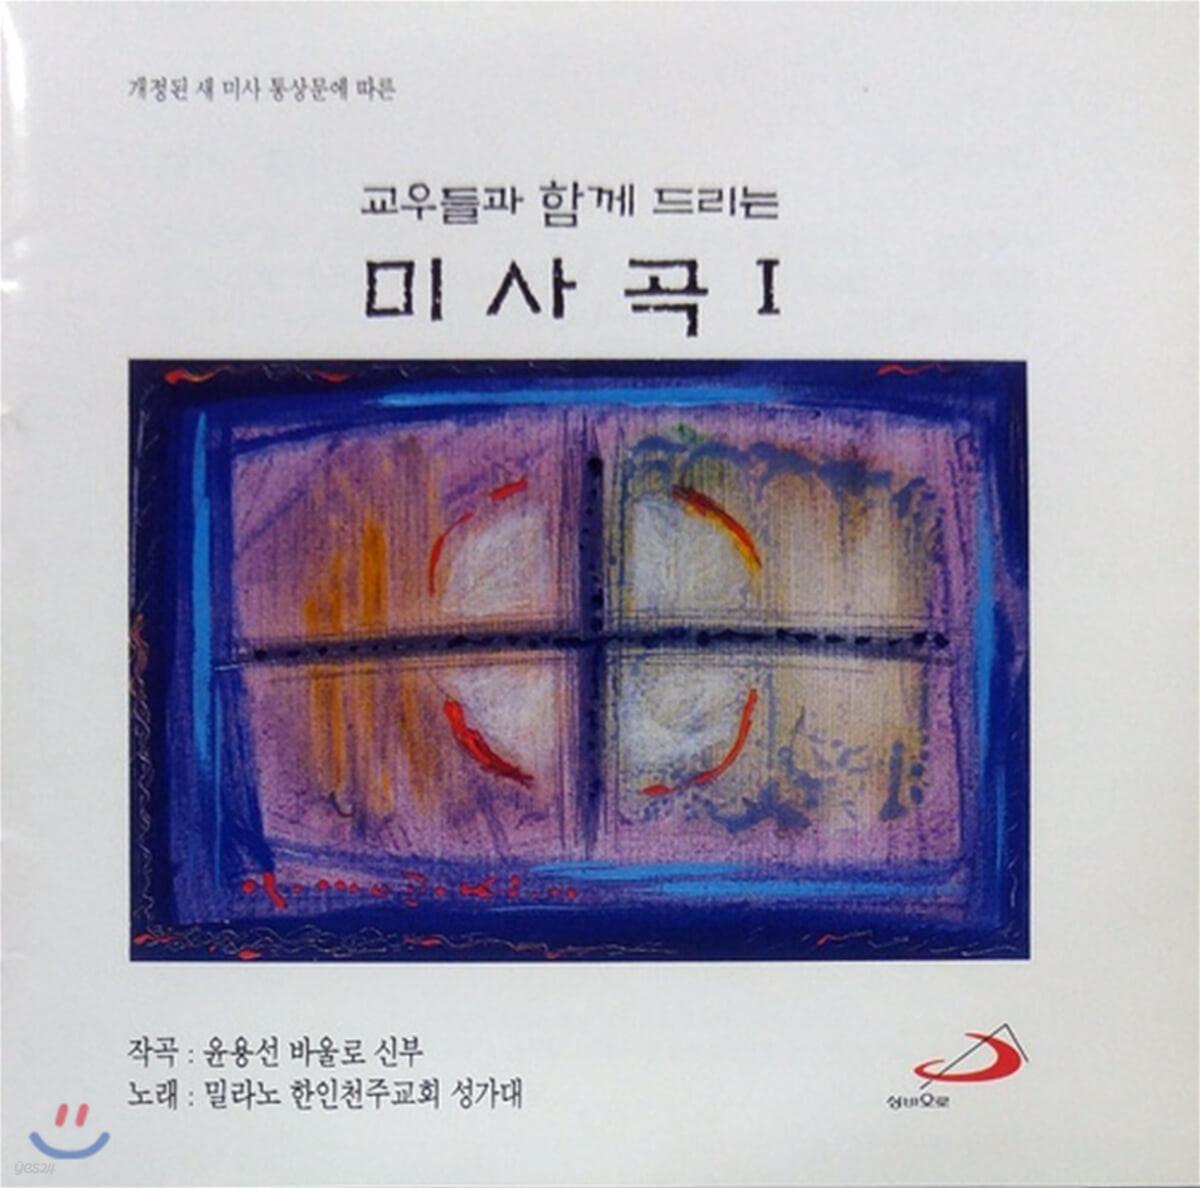 윤용선 바울로 신부 / 밀라노 한인천주교회 성가대 - 새 미사 통상문에 의한 미사곡 1